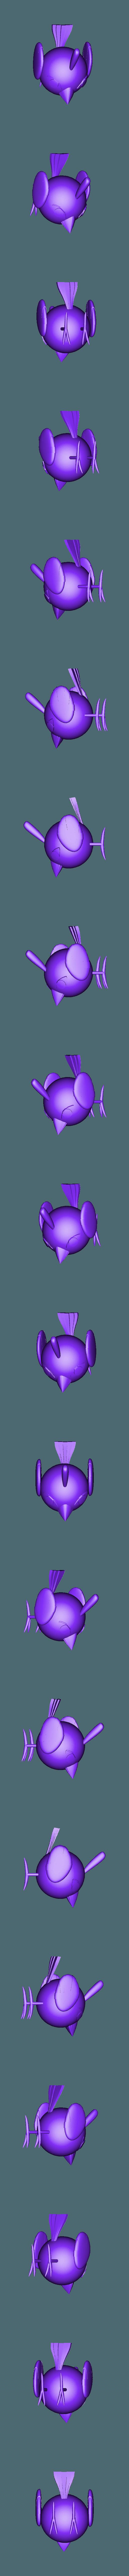 Natu_Pokemon.stl Télécharger fichier STL gratuit Natu Pokemon (ネイティ Neiti) • Plan à imprimer en 3D, Jangie